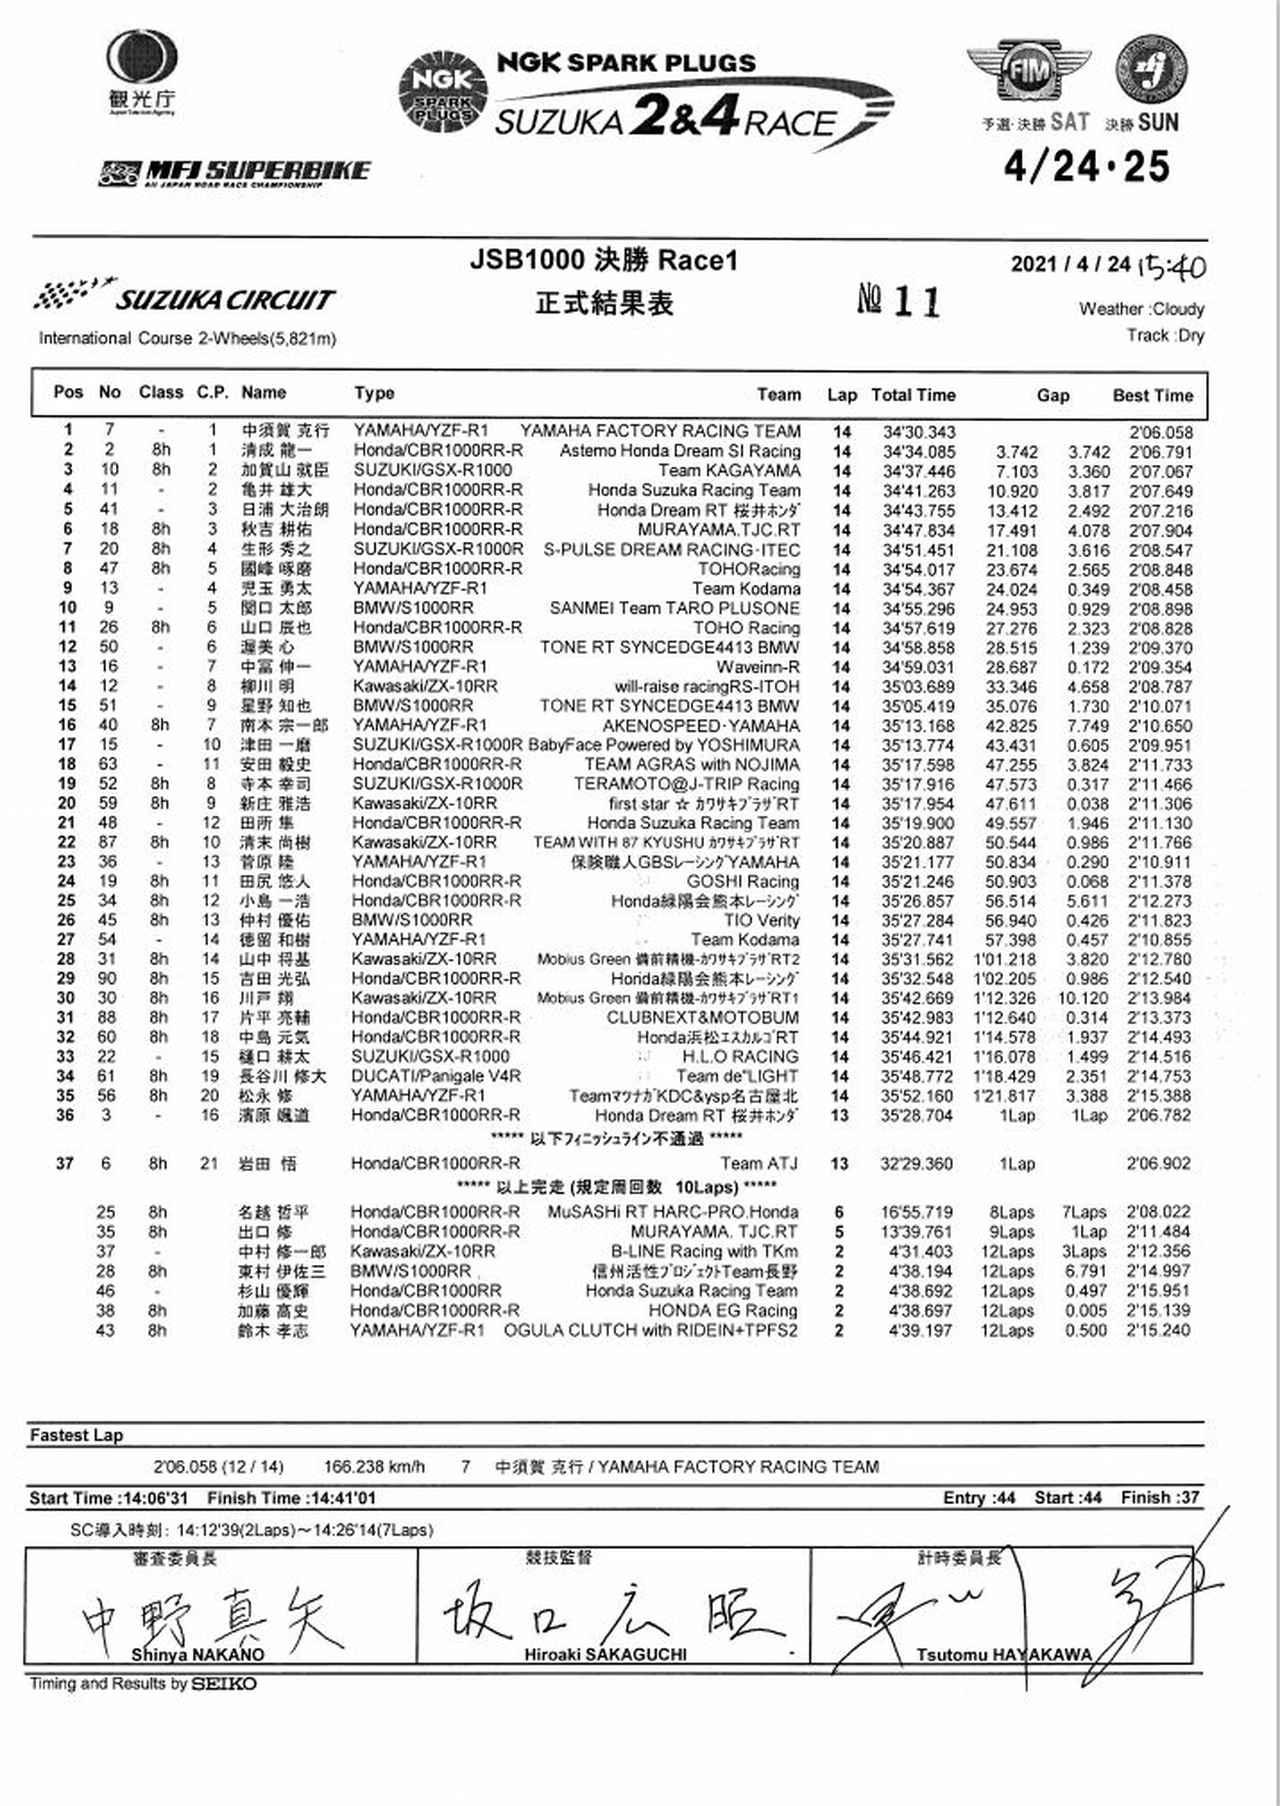 画像1: <全日本ロードレース> 中須賀圧勝! 清成及ばず ~3位加賀山は自己記録を更新?